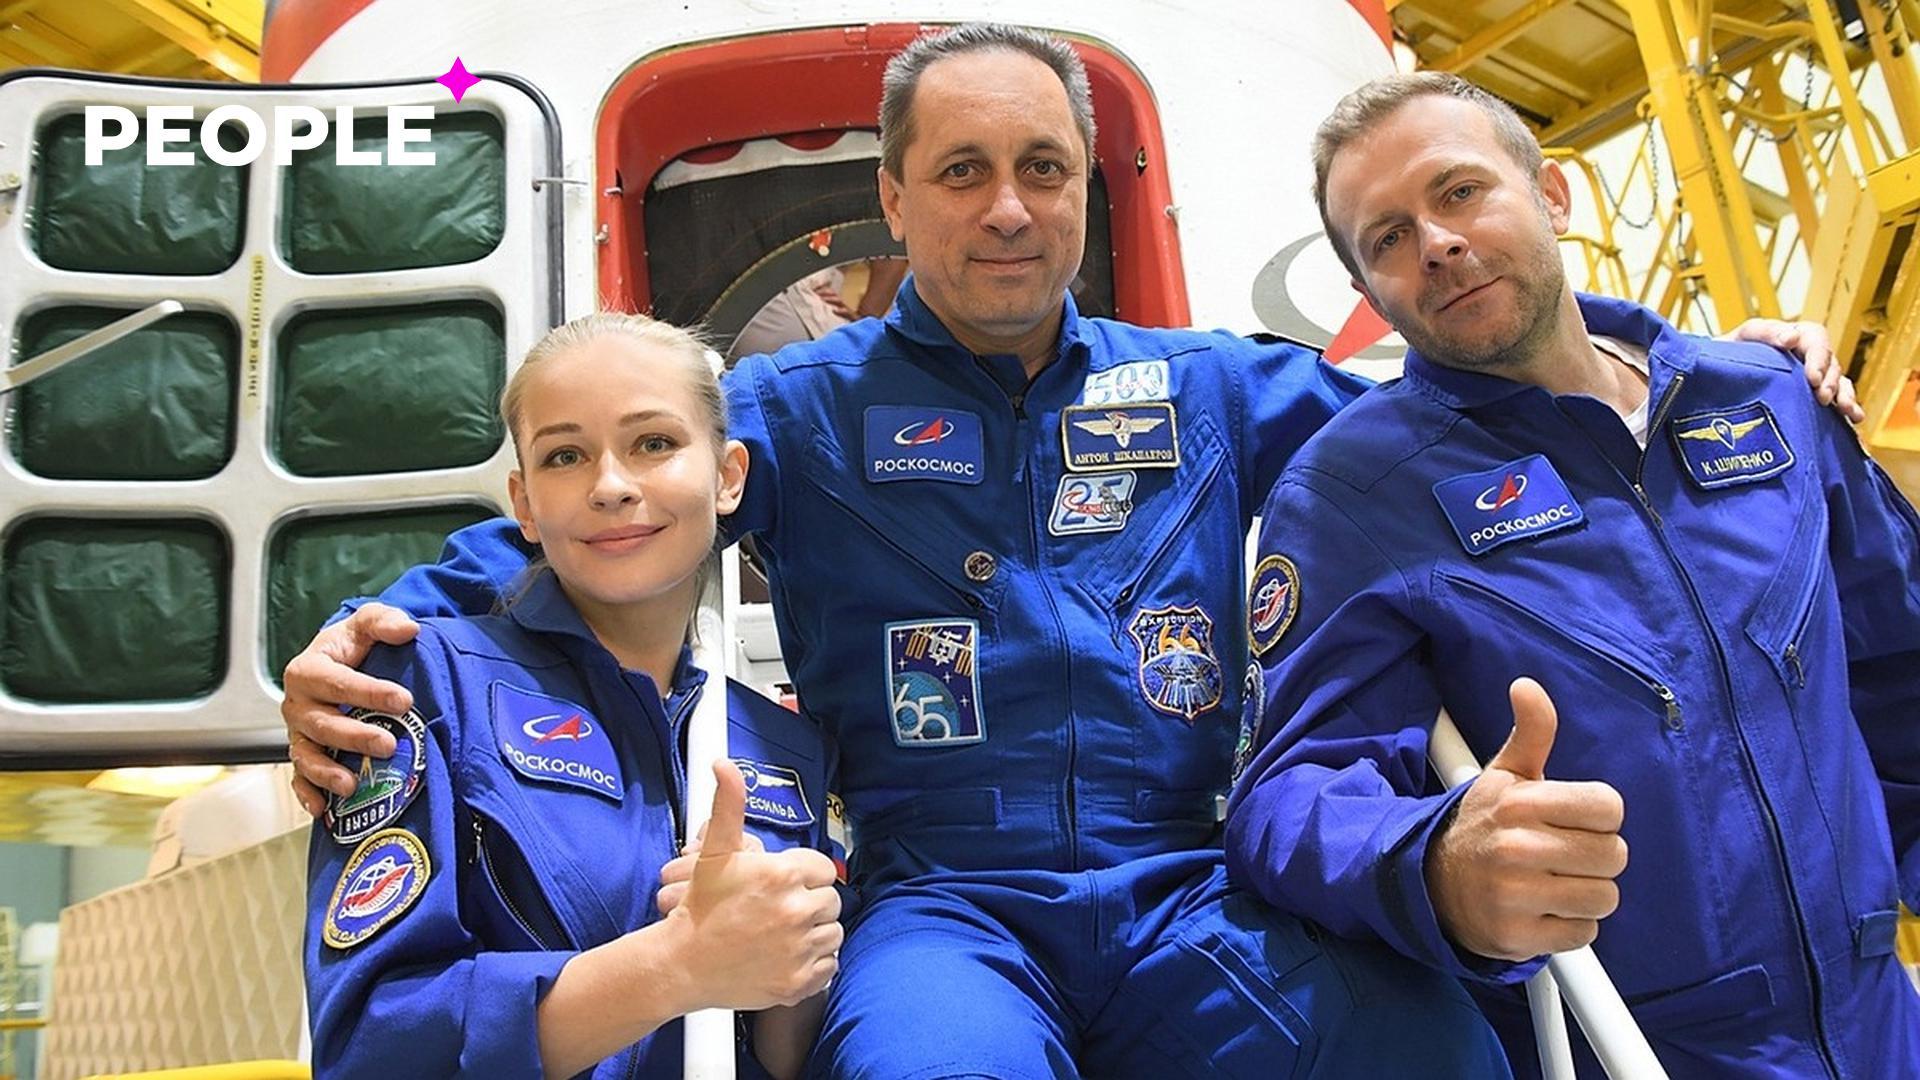 Актриса Юлия Пересильд и режиссер Клим Шипенко отправились в космос для съемок нового фильма — видео